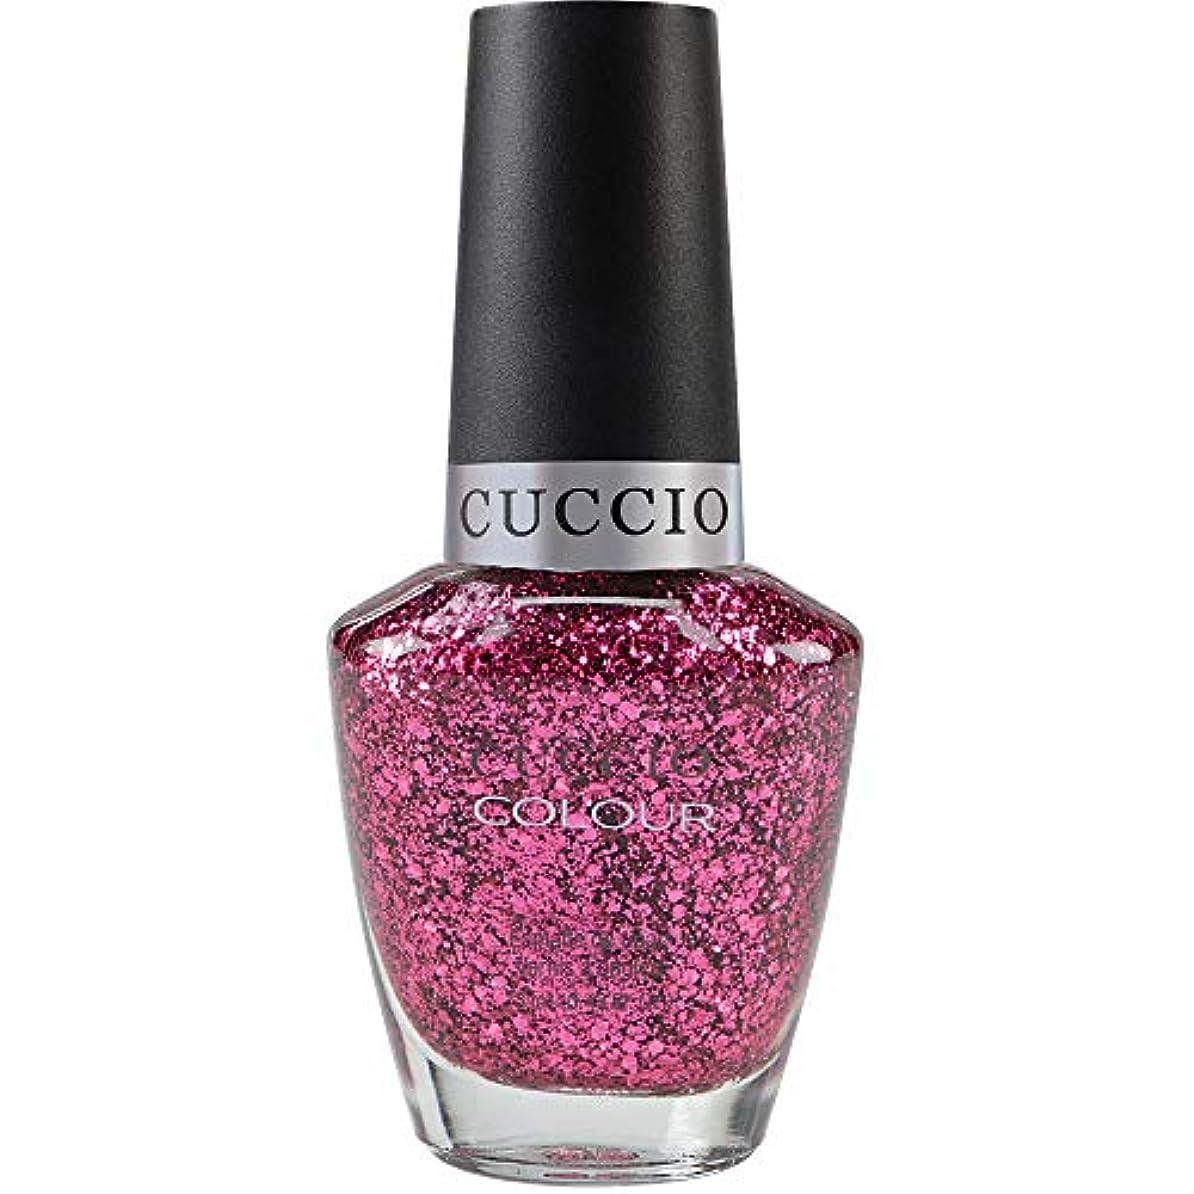 リスキーな憧れ練習Cuccio Colour Gloss Lacquer - Love Potion NO. 9 - 0.43oz / 13ml